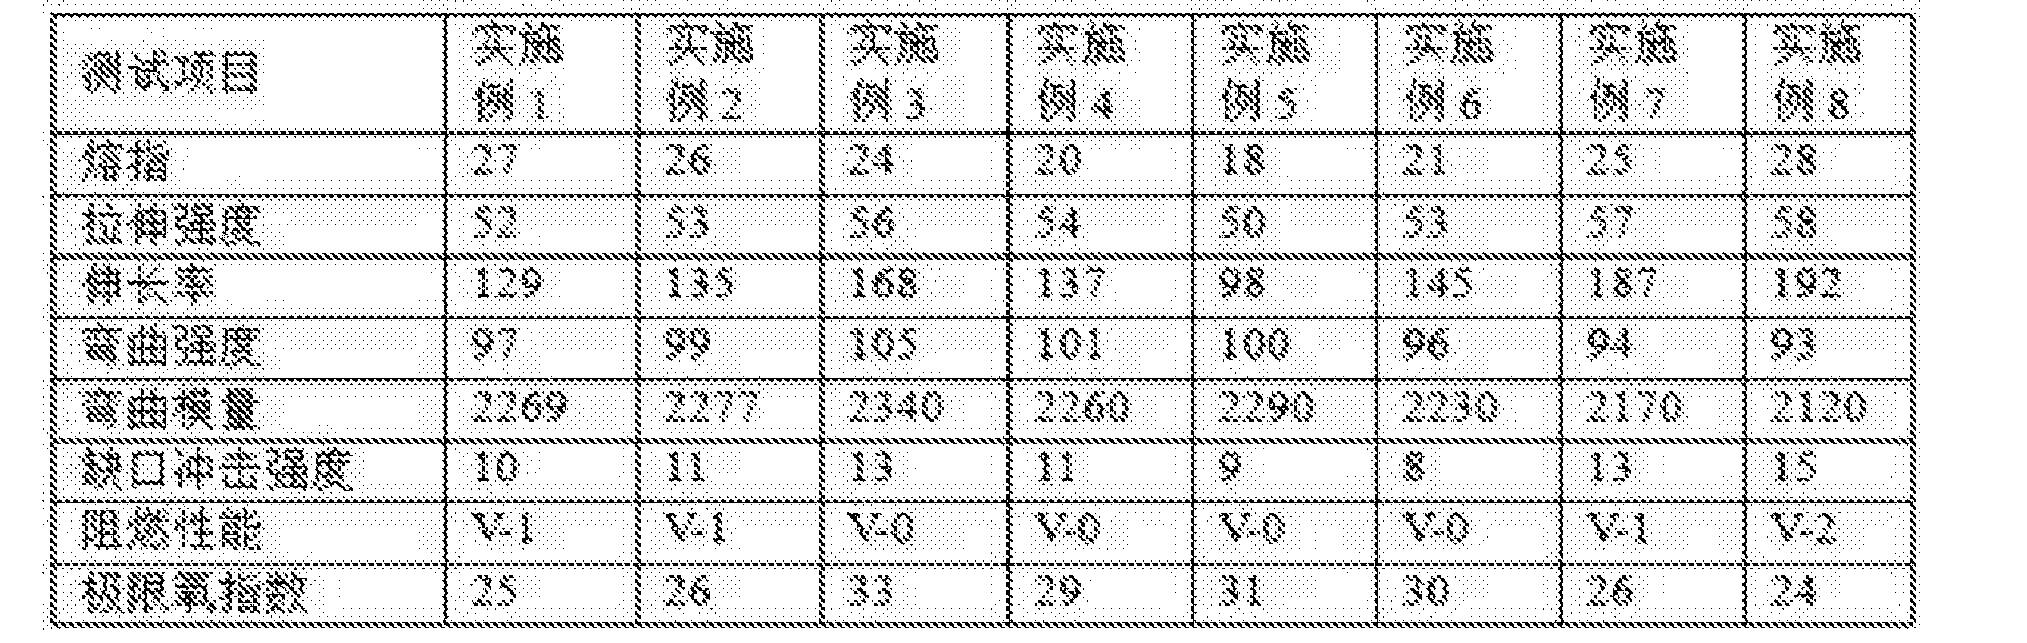 Figure CN105524301BD00103